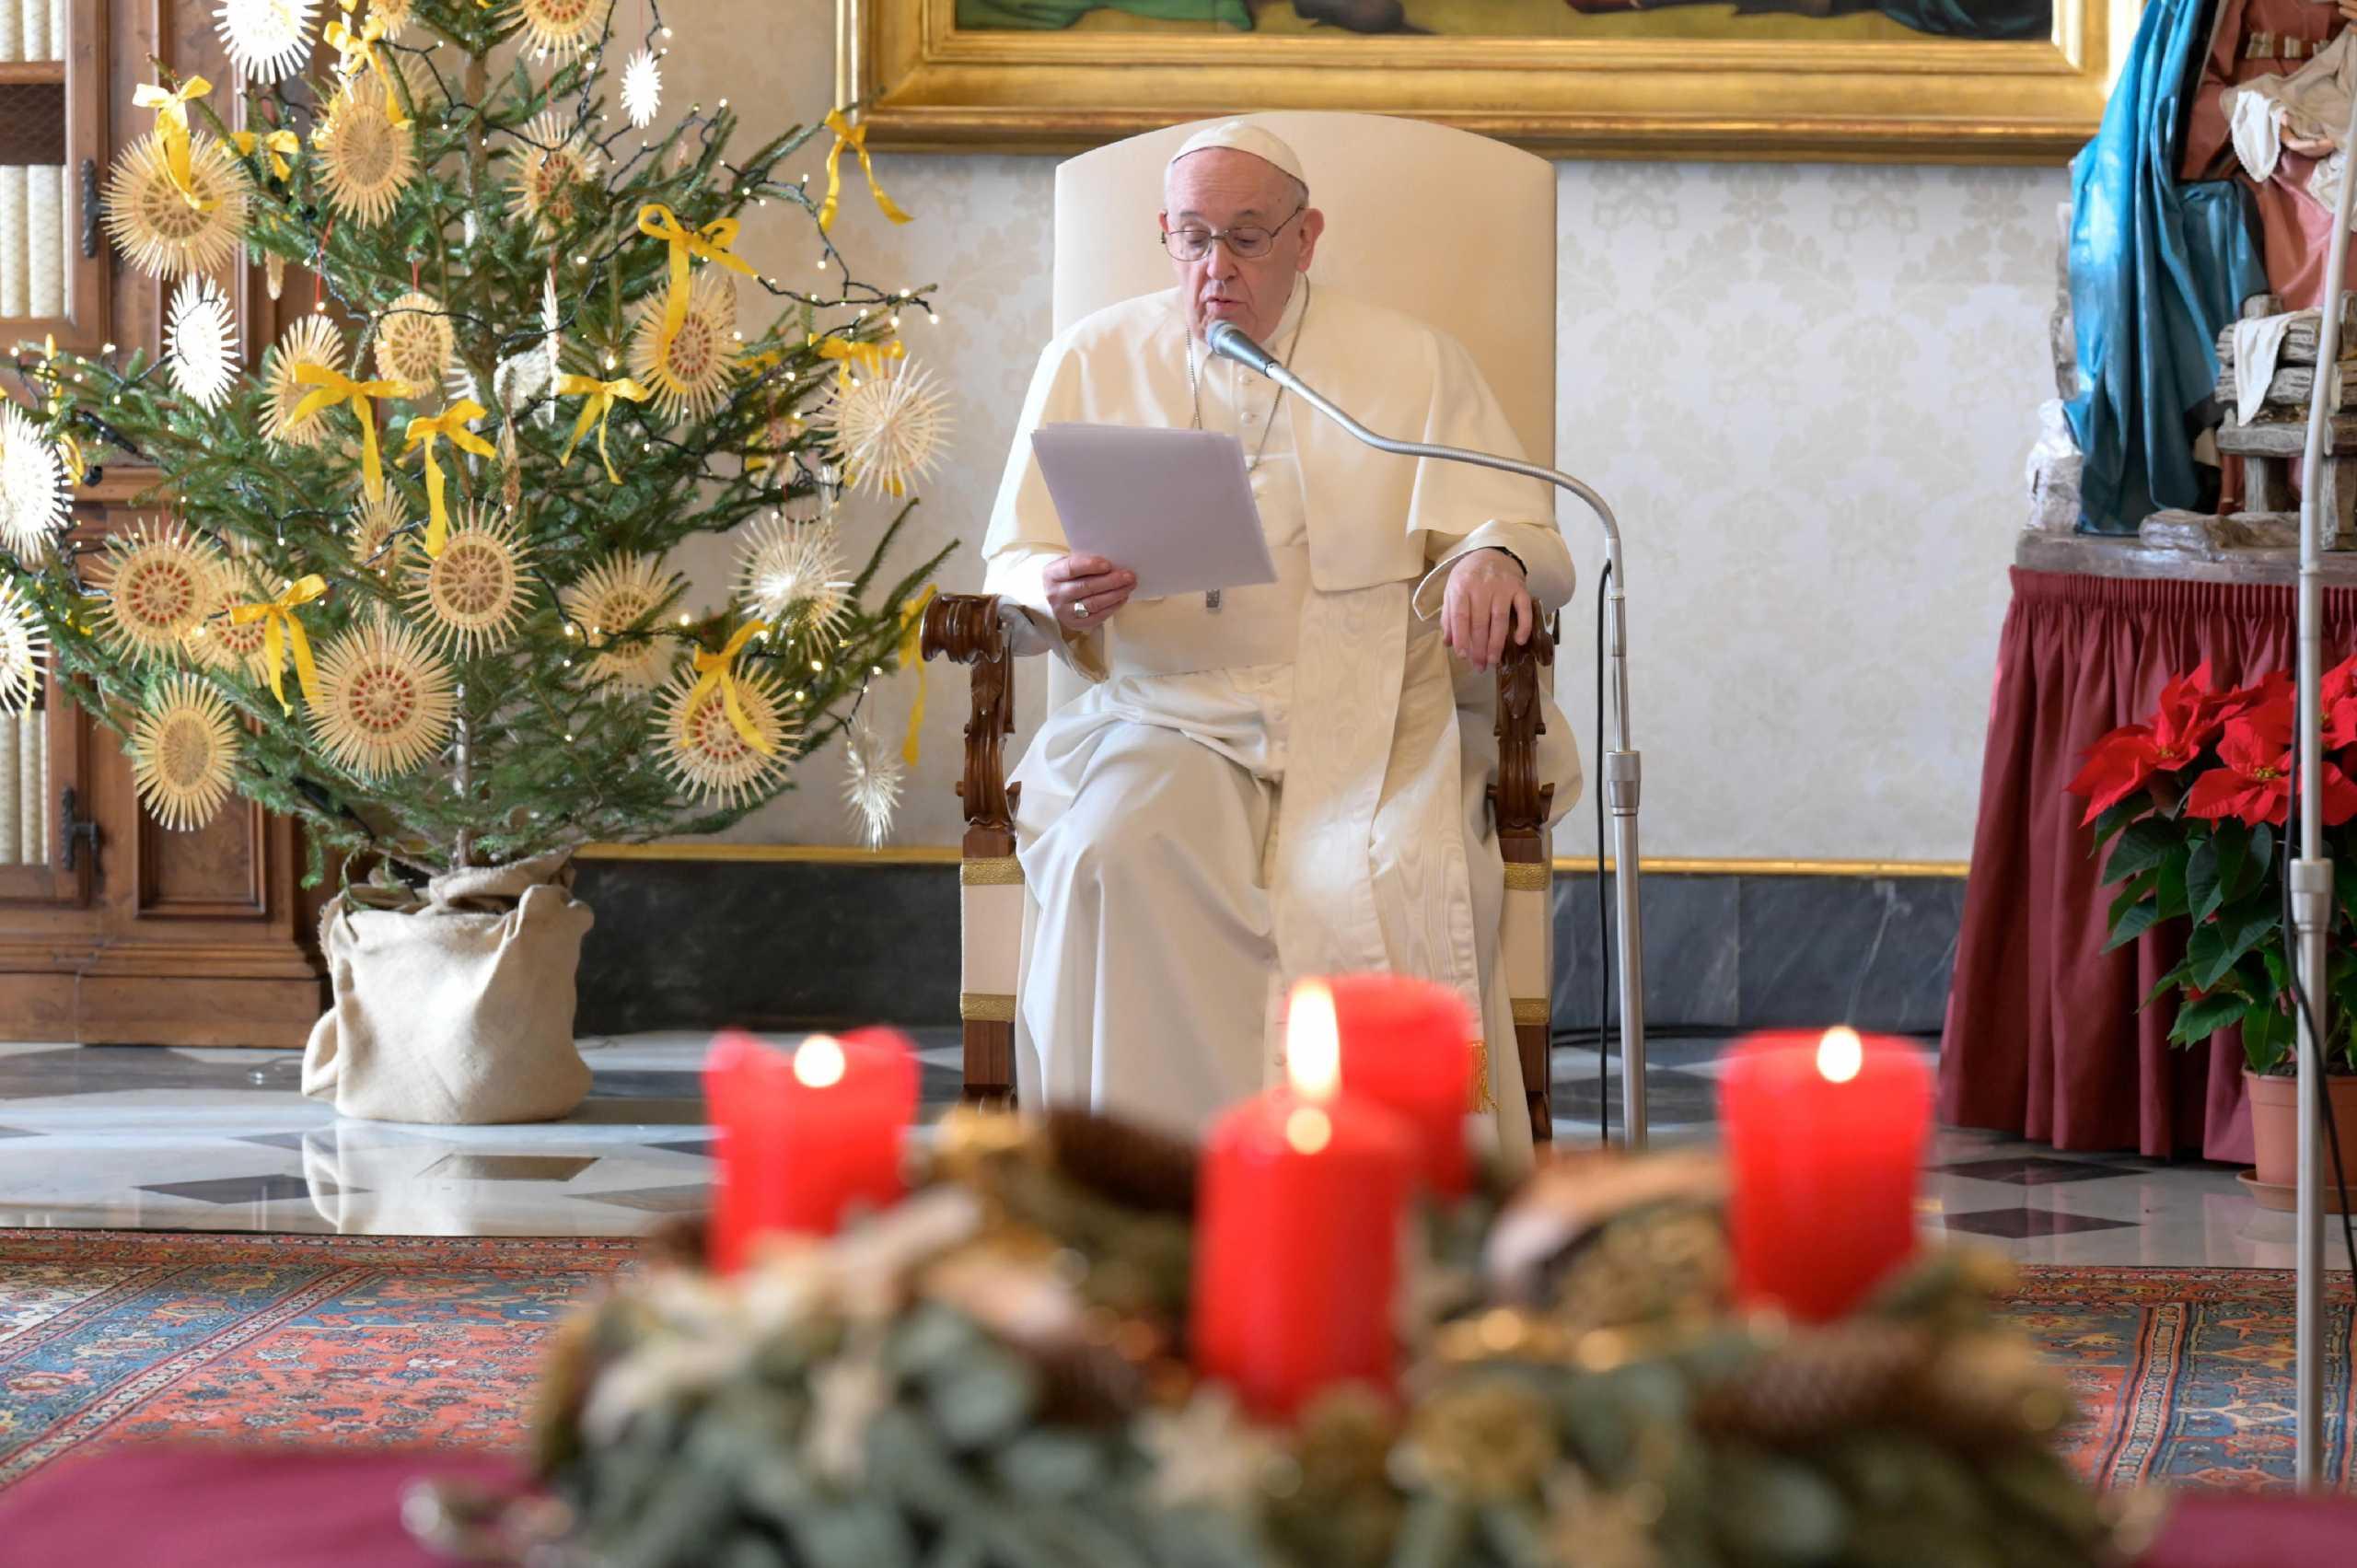 Βατικανό: Ο Πάπας τα Χριστούγεννα θα ευλογήσει τους πιστούς μέσω τηλεοράσεως